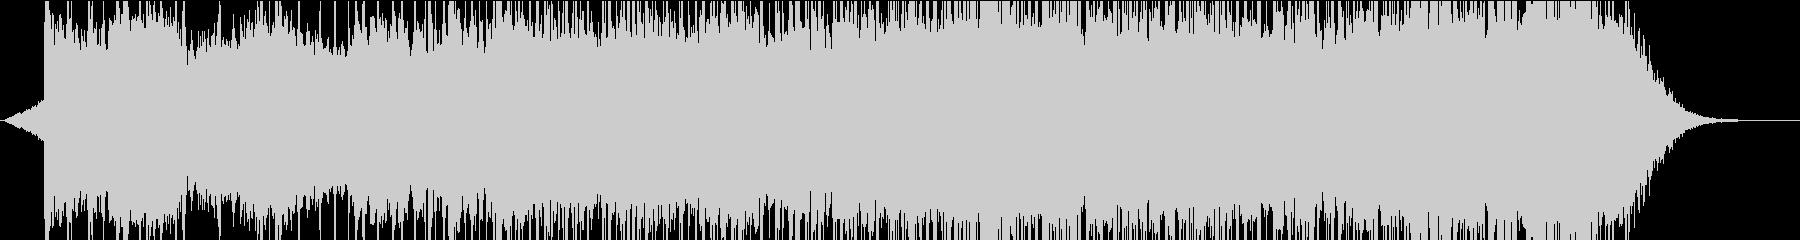 ポップ テクノ モダン 交響曲 室...の未再生の波形